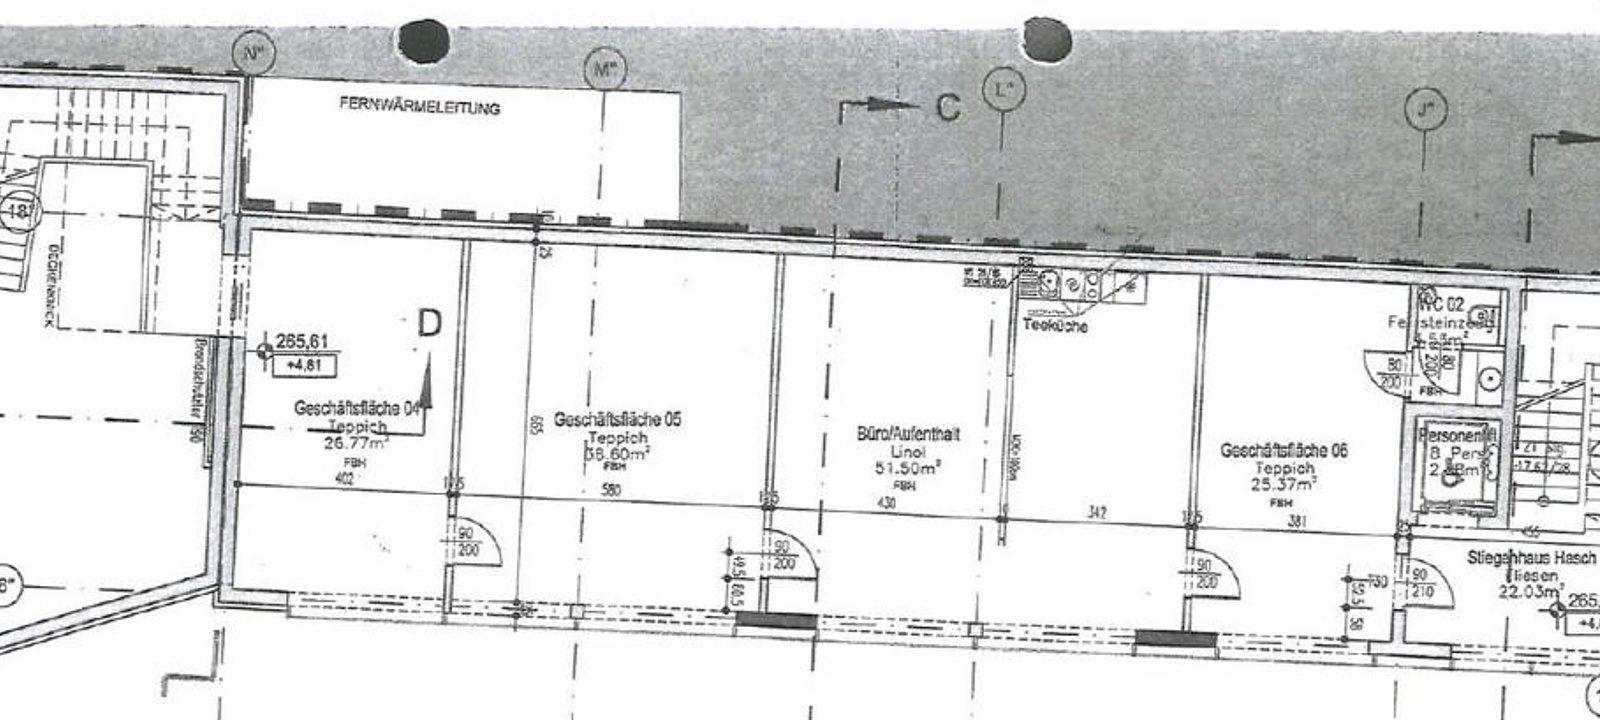 Plan 1. OG NEUBAU